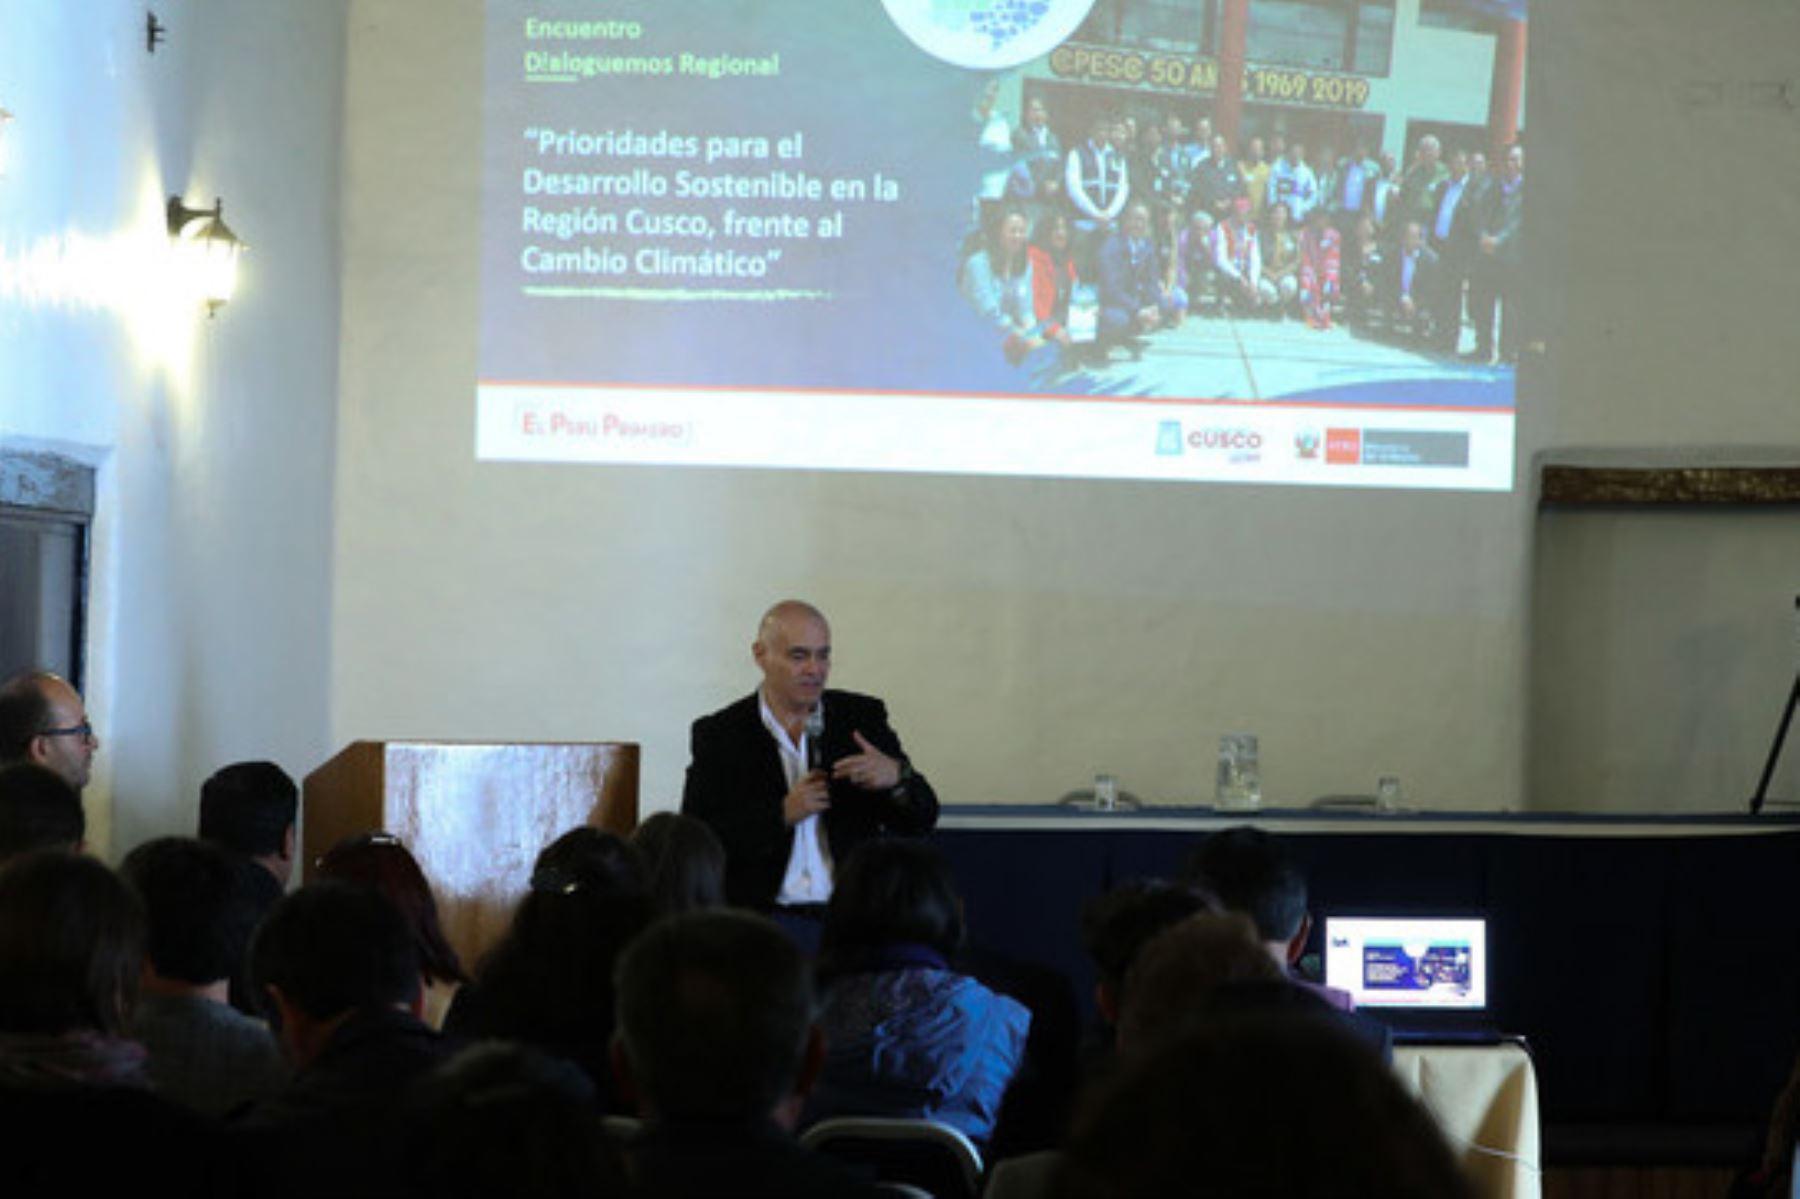 """Como parte de su estrategia frente al cambio climático, el Minam organizó el proceso participativo """"Dialoguemos"""" en la región Cusco,"""